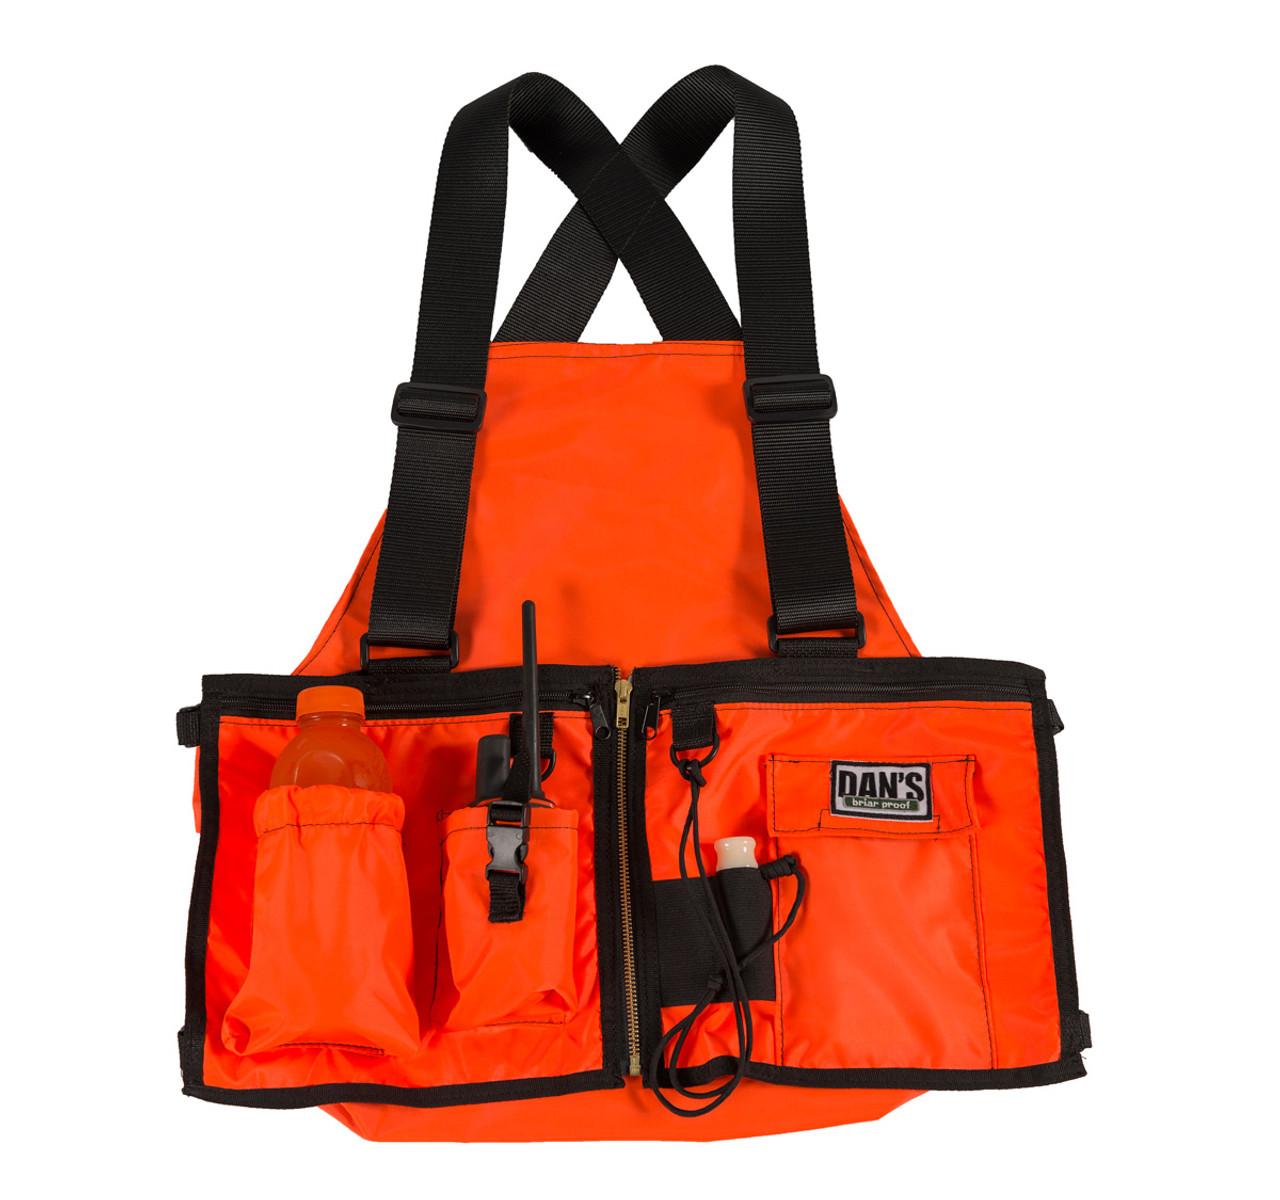 Dans Hunting Gear Ultimate Strap Vest (Orange)